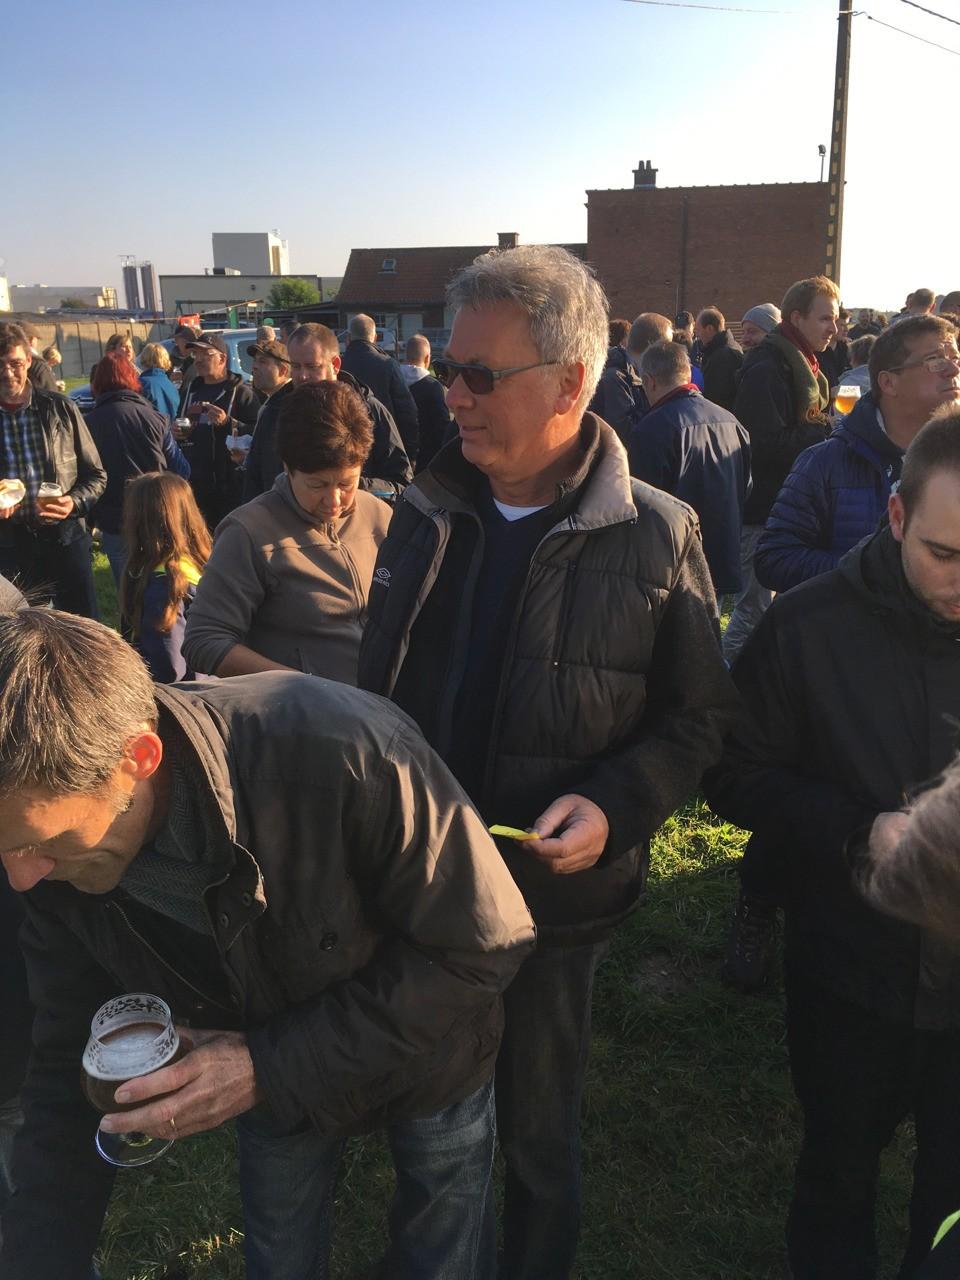 Tijdens de Dauwtrip 2016 proefden de Dauwtrippers in Belle bieren gebrouwen door Denderbelse hobbybrouwers. (Zeer lekker vonden de deelnemers)